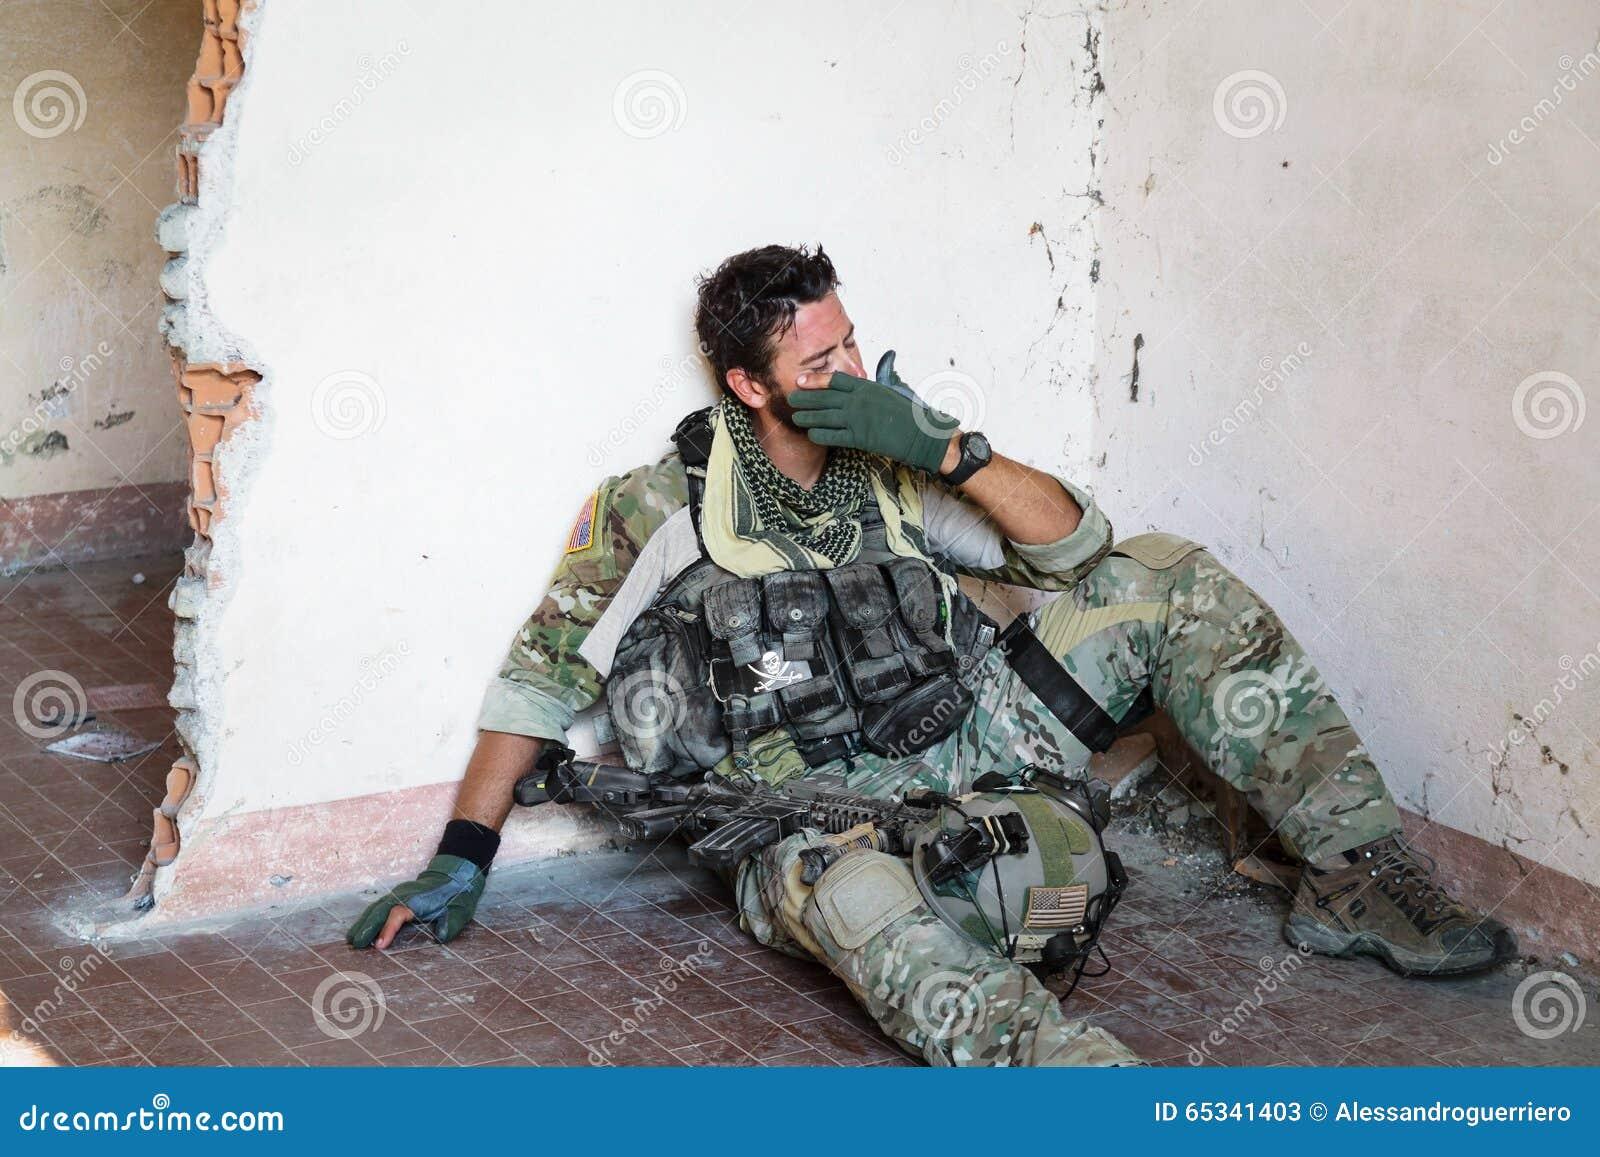 Soldat américain pleurant